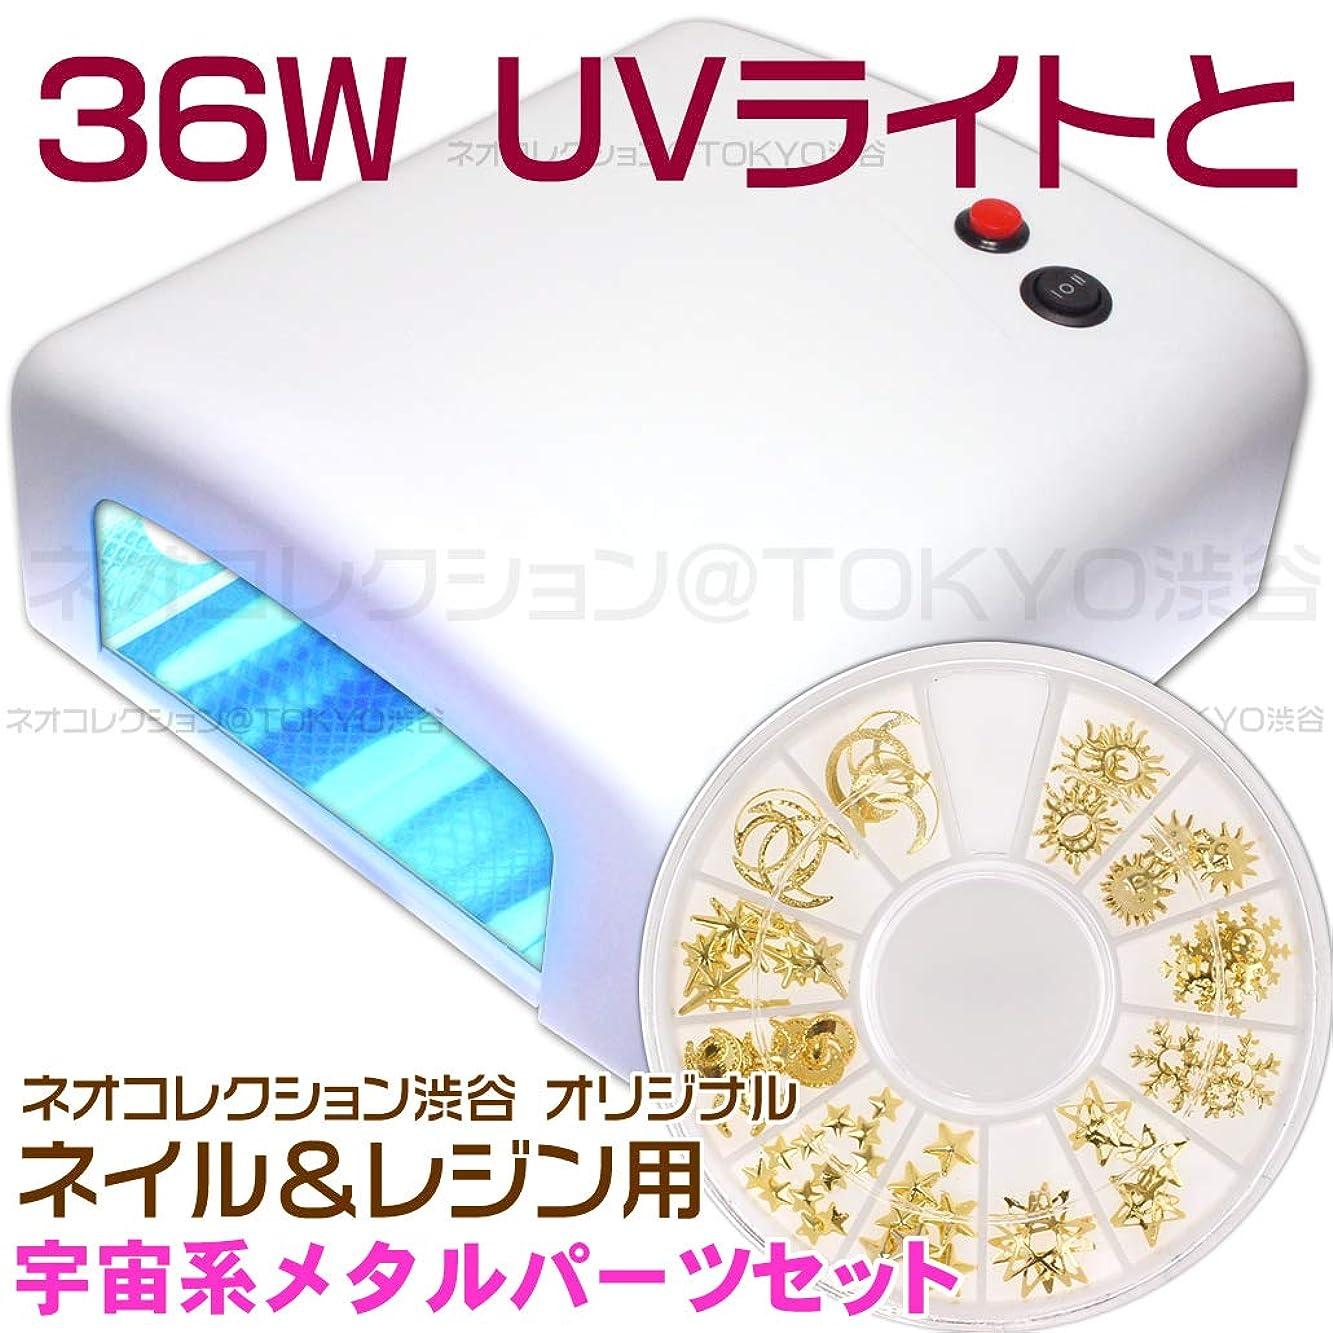 代表する必須滑るネオコレクション 白いUVライトとメタルパーツのセット 36Wジェルネイル用 36WUVライト単品単体本体 UVレジン用 レジンクラフト用ピンク UVランプ